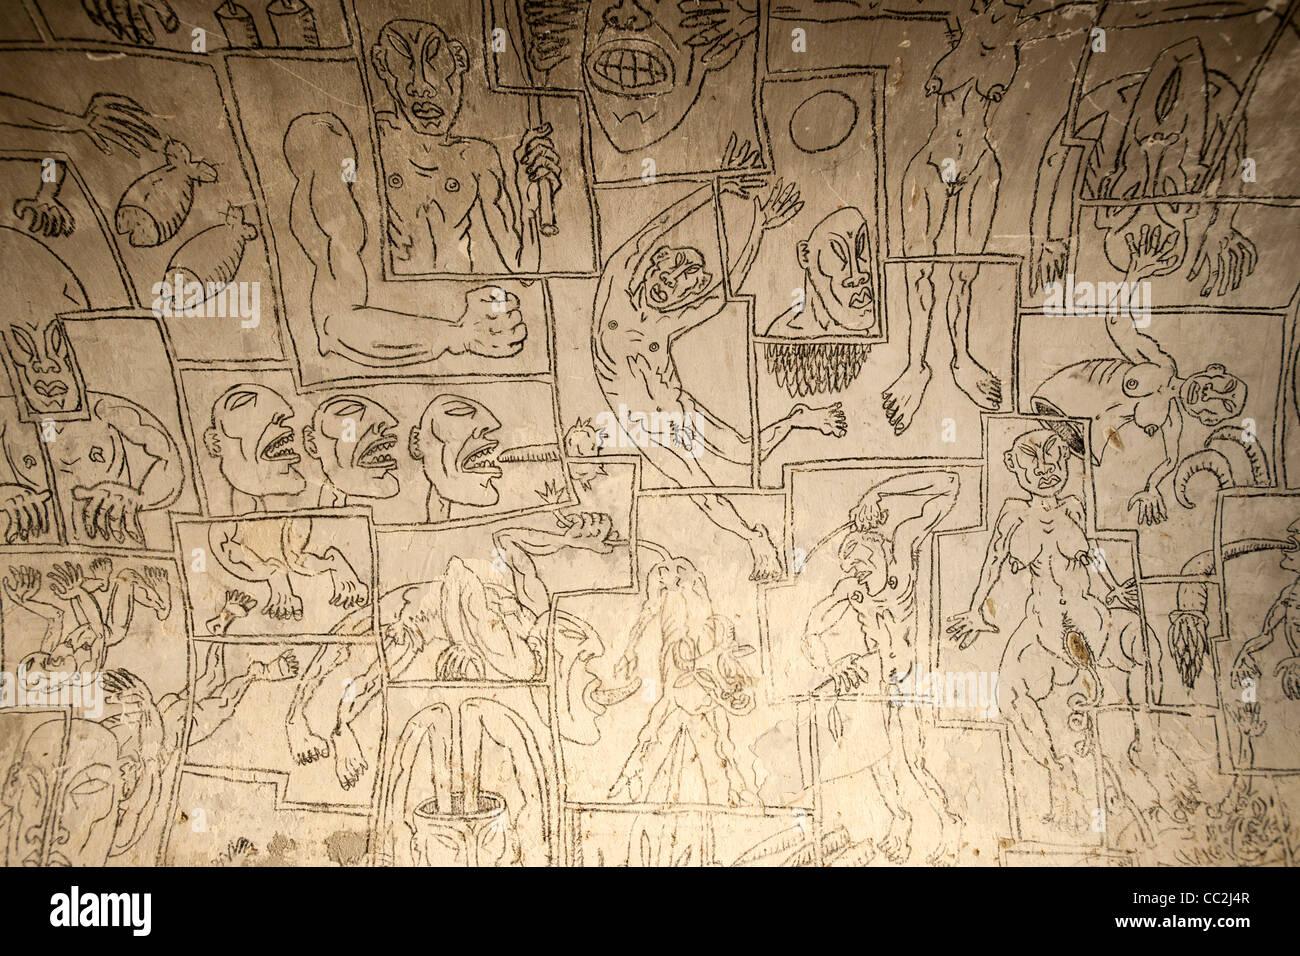 Österreich, Wien 7, 'Narrenturm'am Gelände des Alten AKH, beherbergt heute das Pathologisch-anatomische - Stock Image